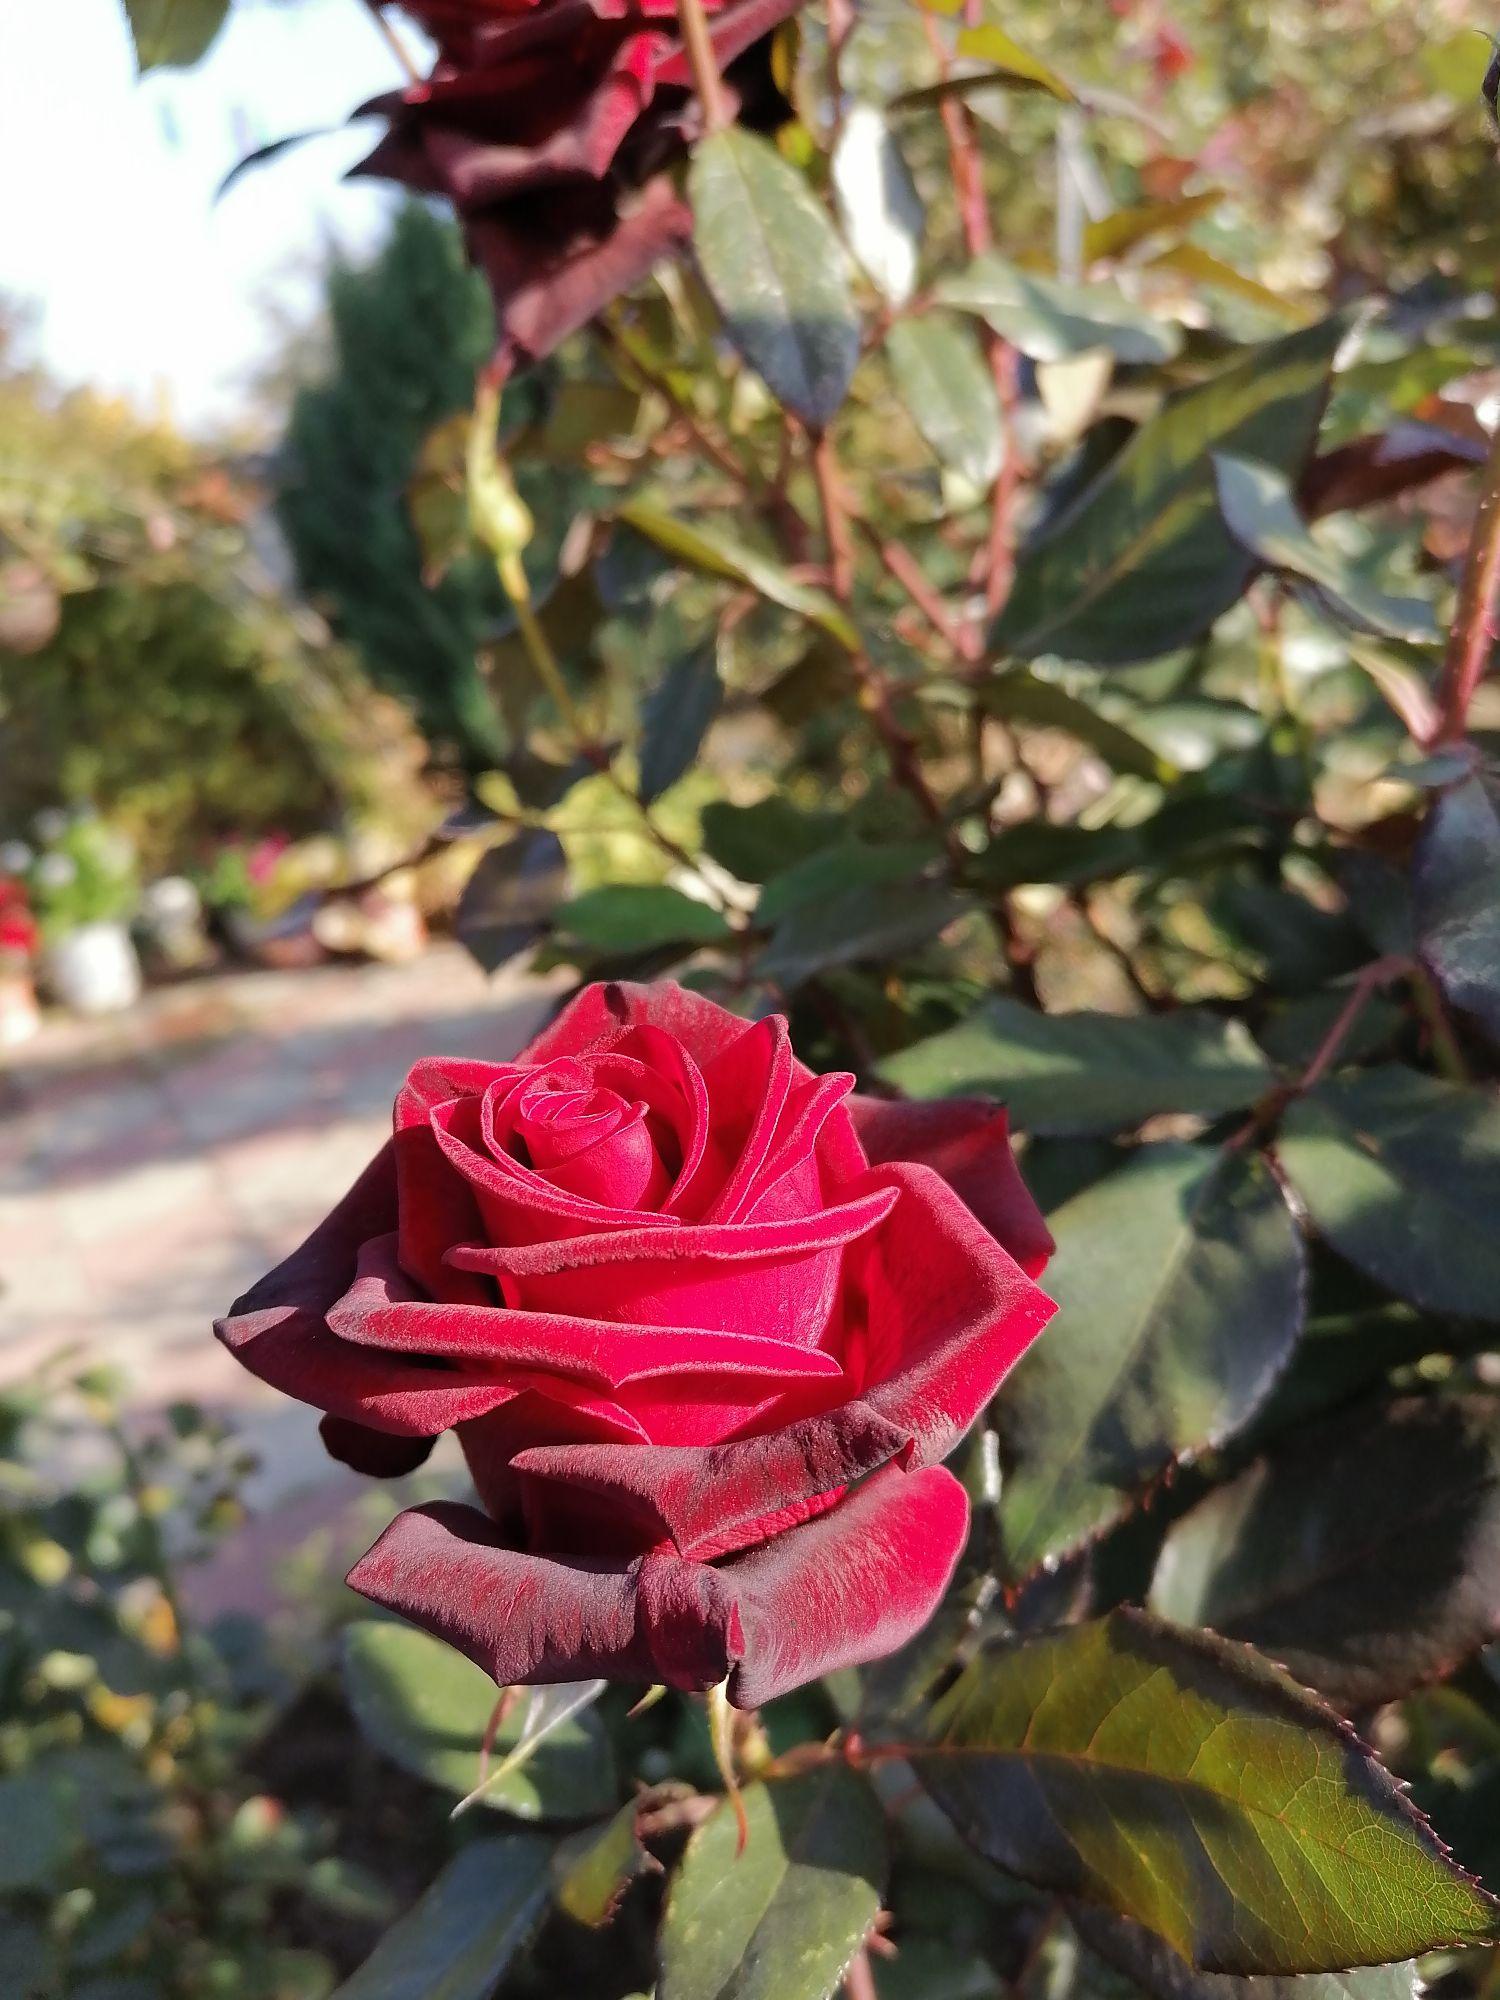 Осенние розы цветут обильно, их уже не разоряют бронзовки. Цветки ровные, идеальные для фото.